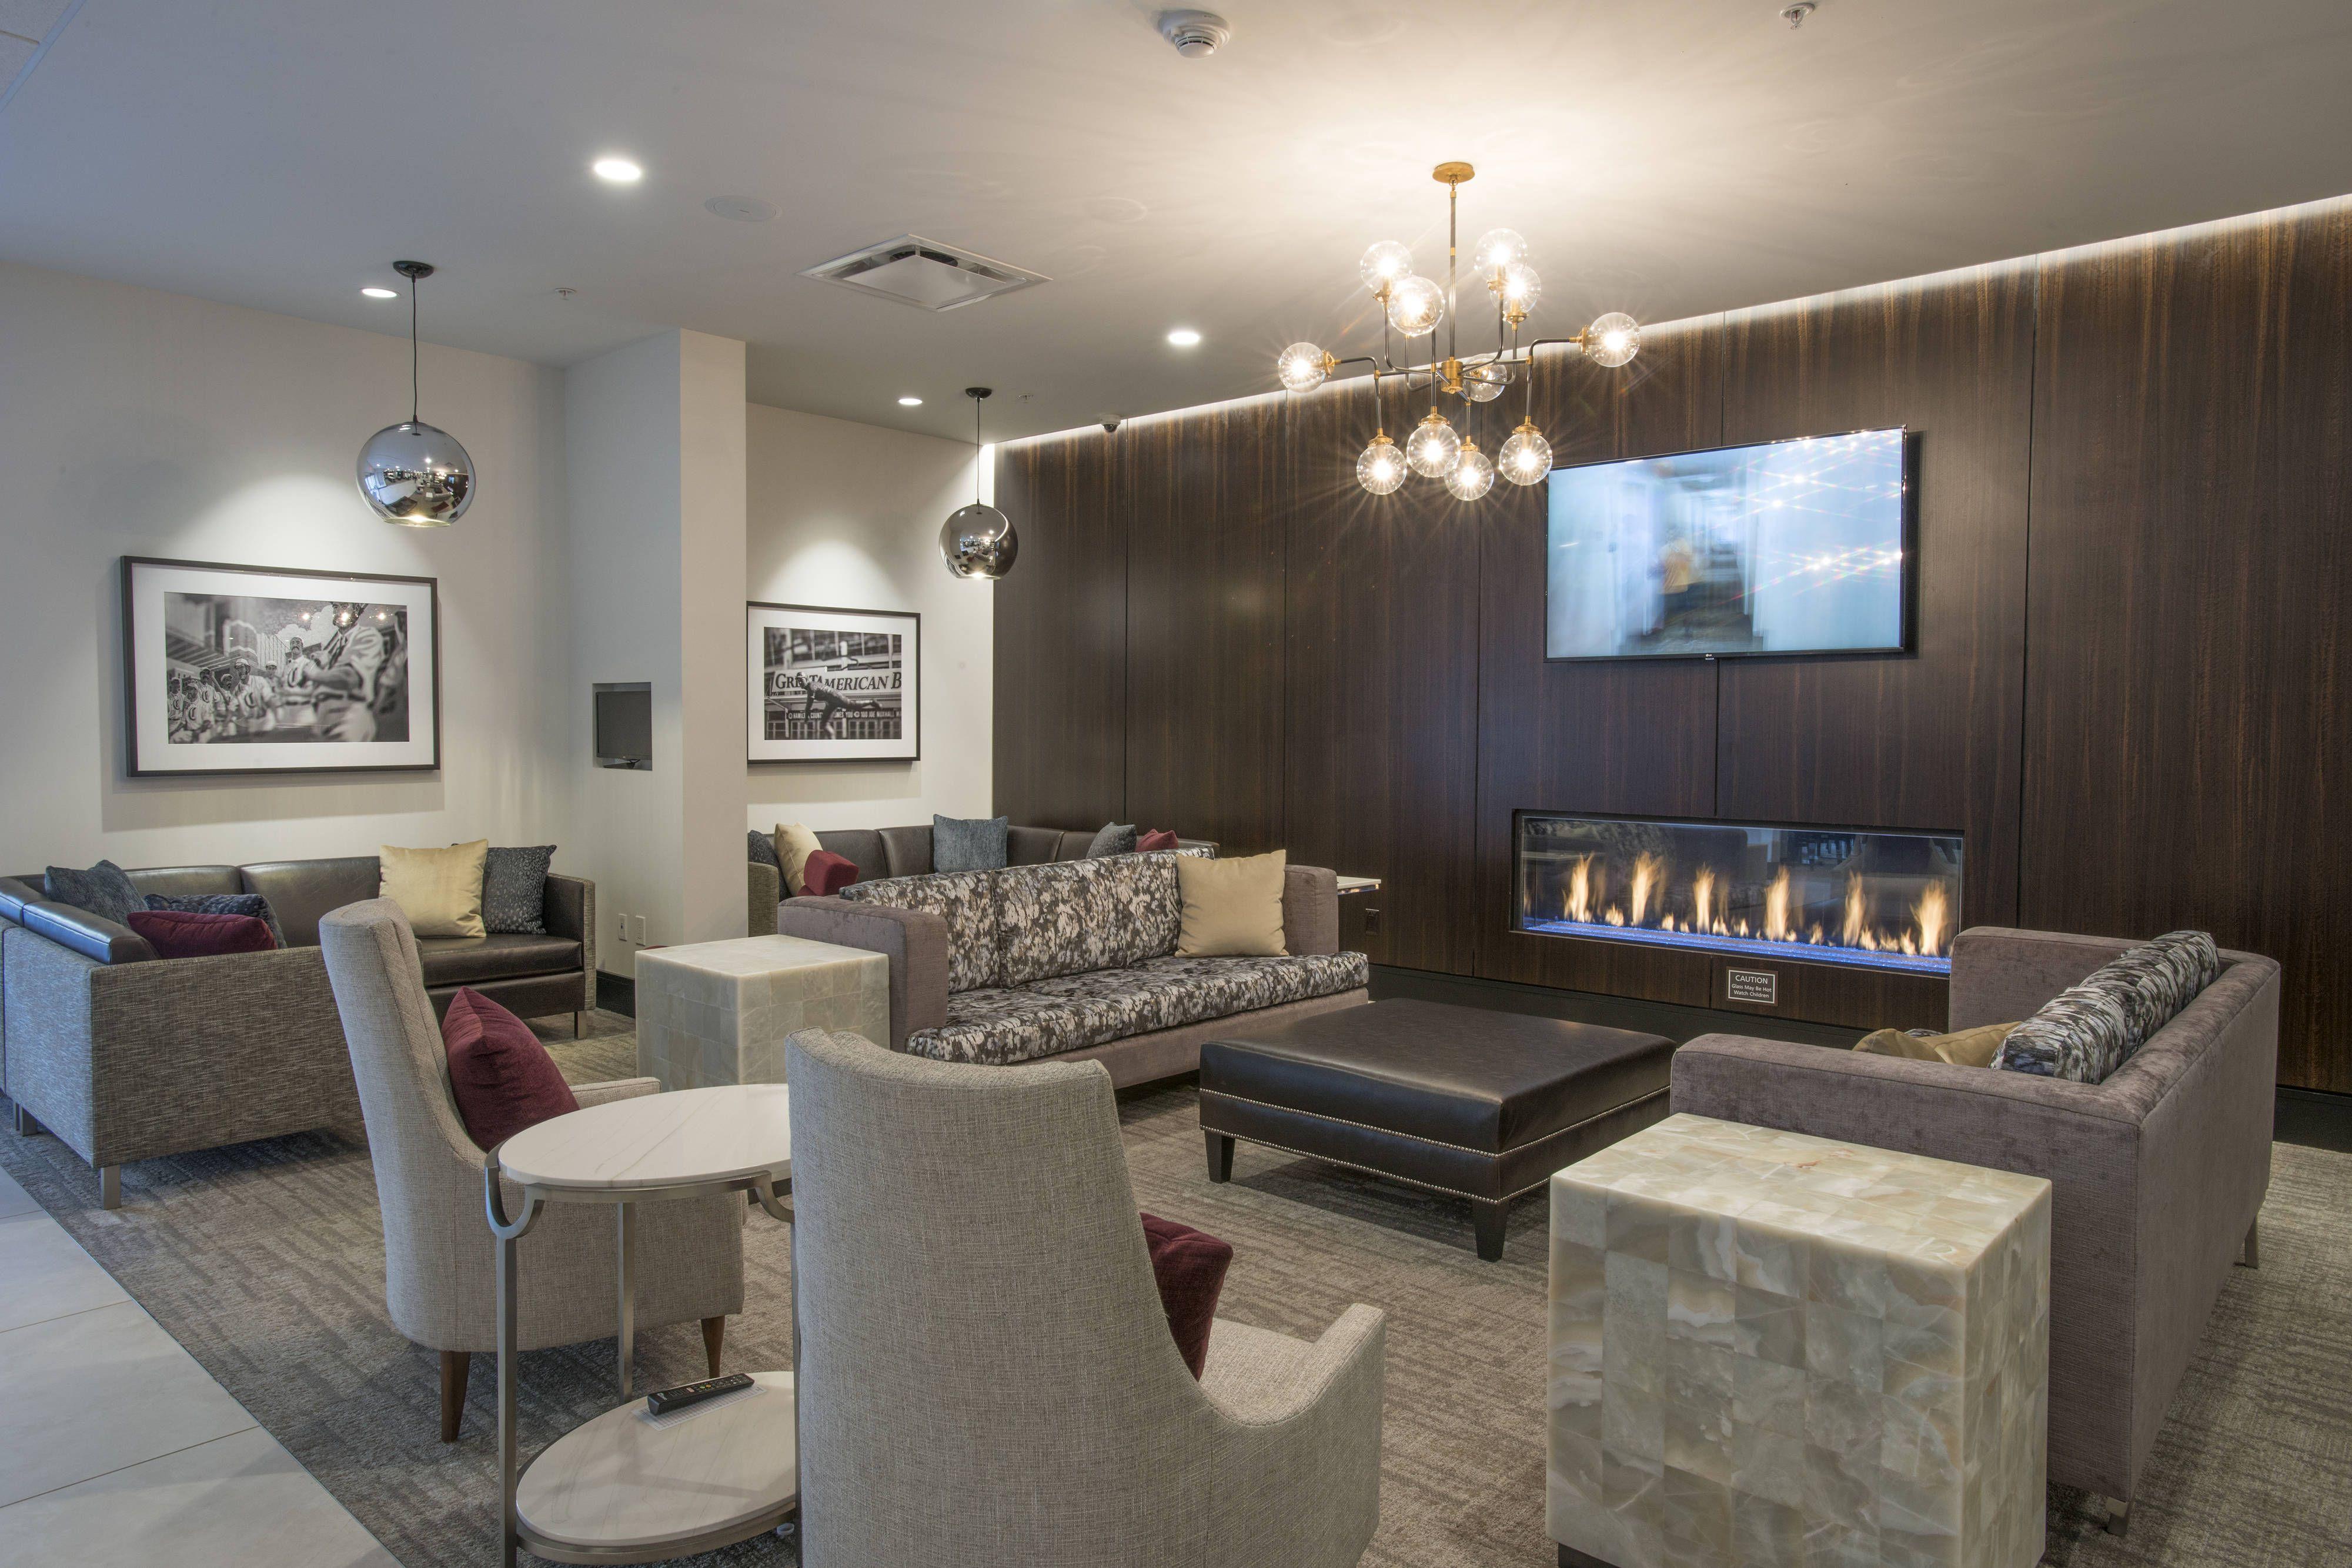 Residence Inn Cincinnati Midtown Rookwood Lobby Holiday Travel Enjoy Home Decor Residences Inn